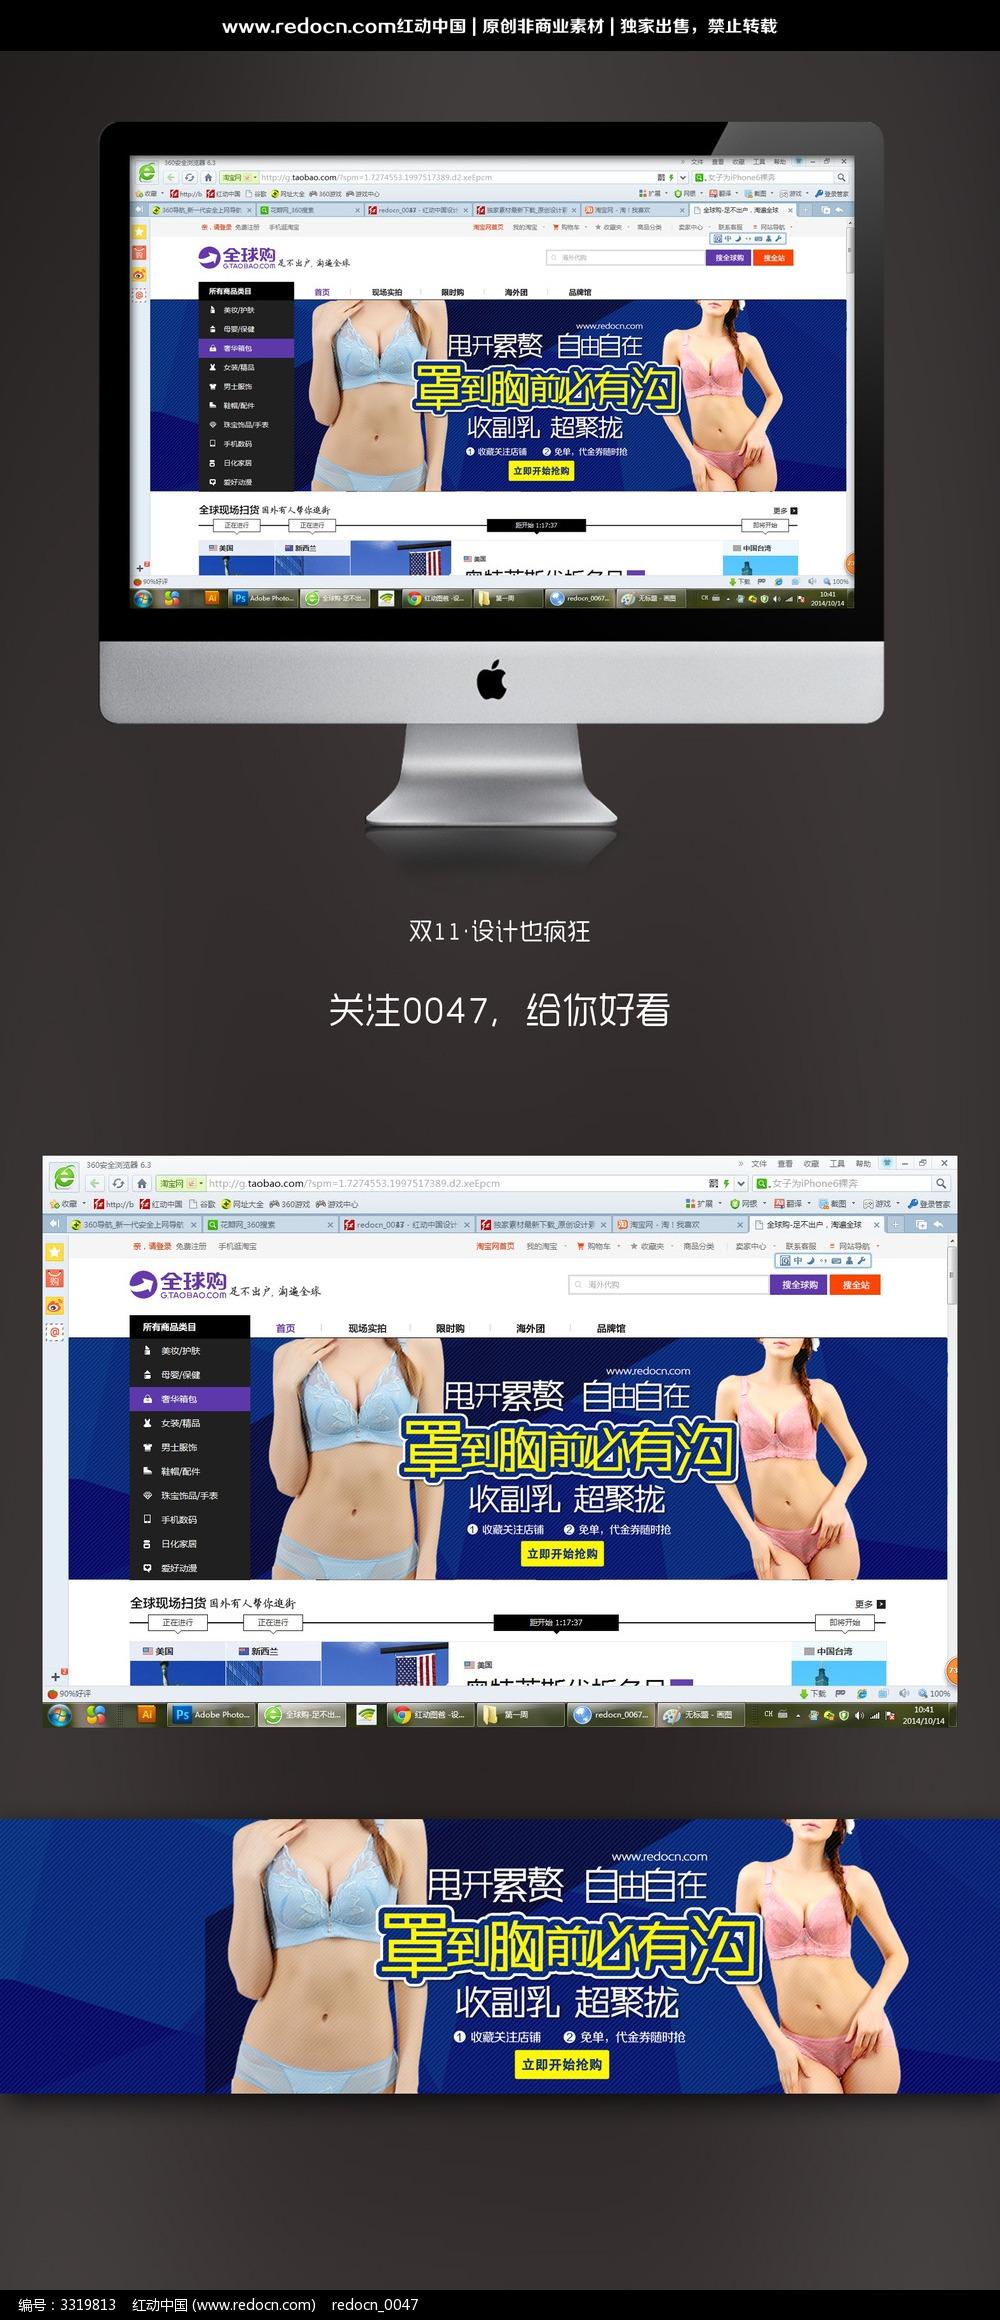 淘宝内衣品牌店铺双十一海报模板图片